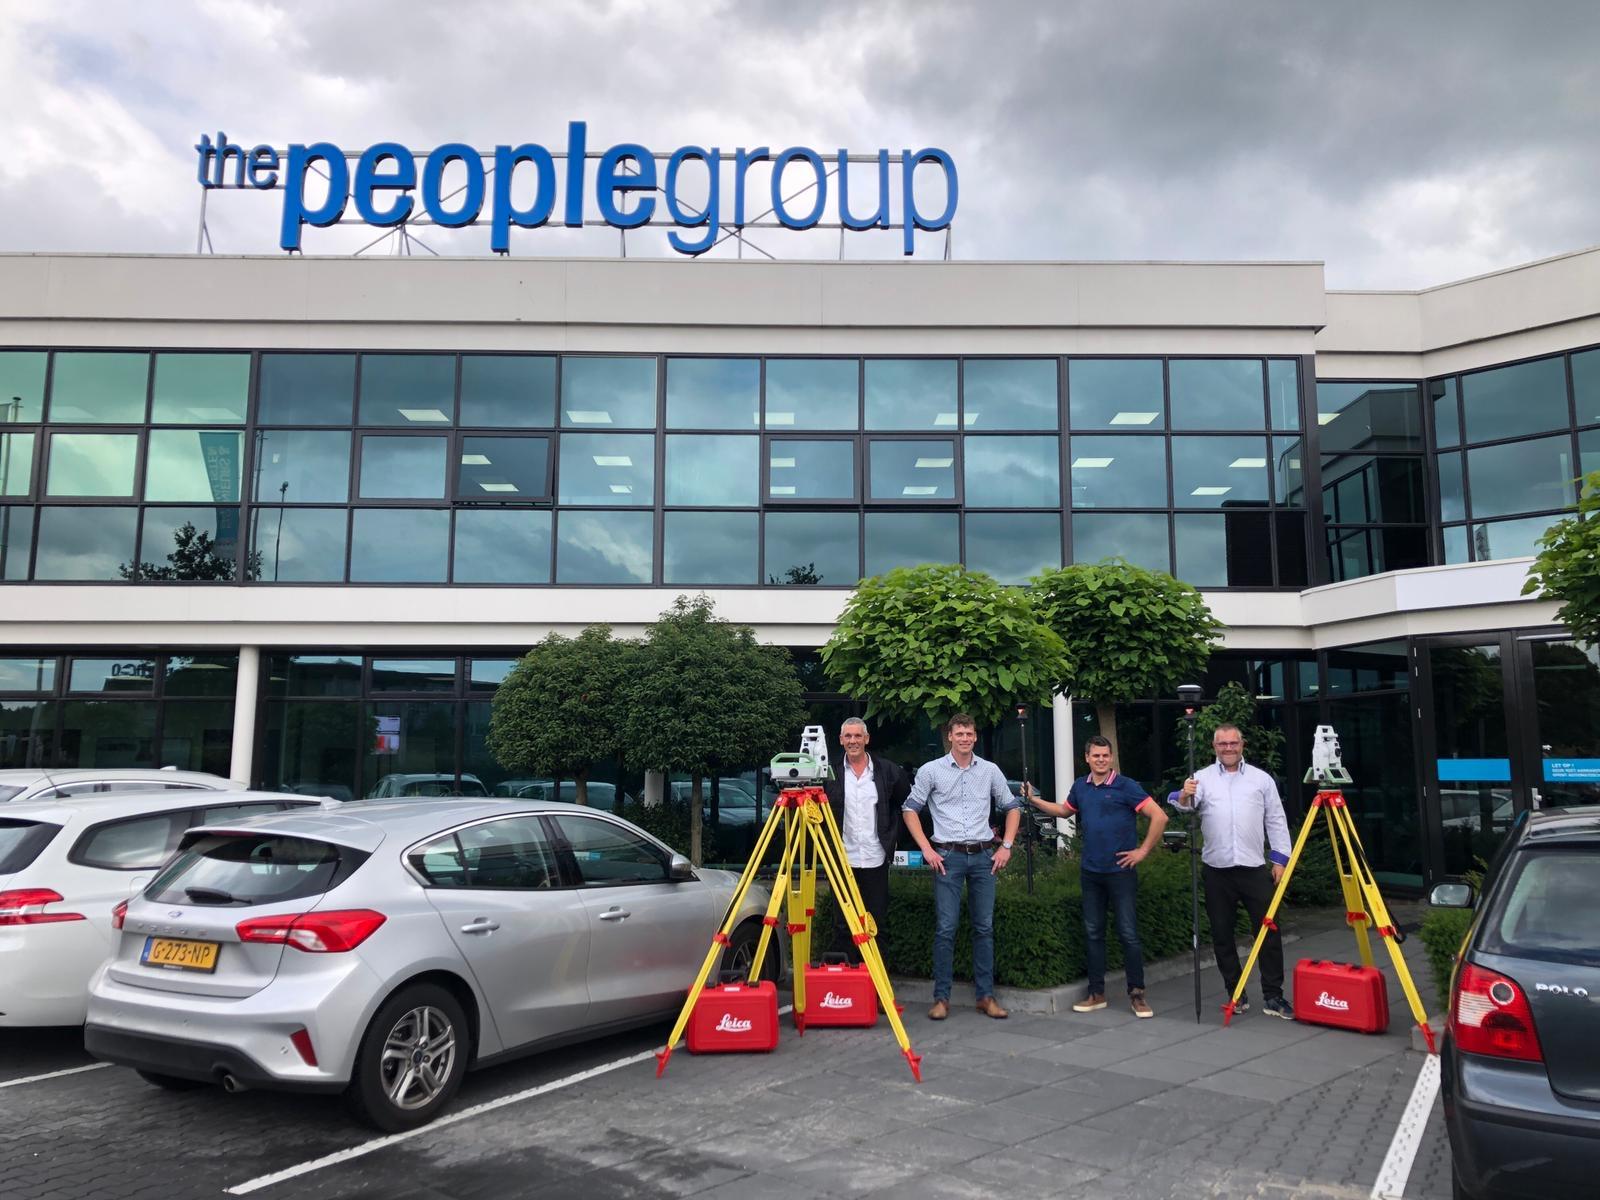 Nieuwe instrumenten voor The People Group Nieuwkuijk